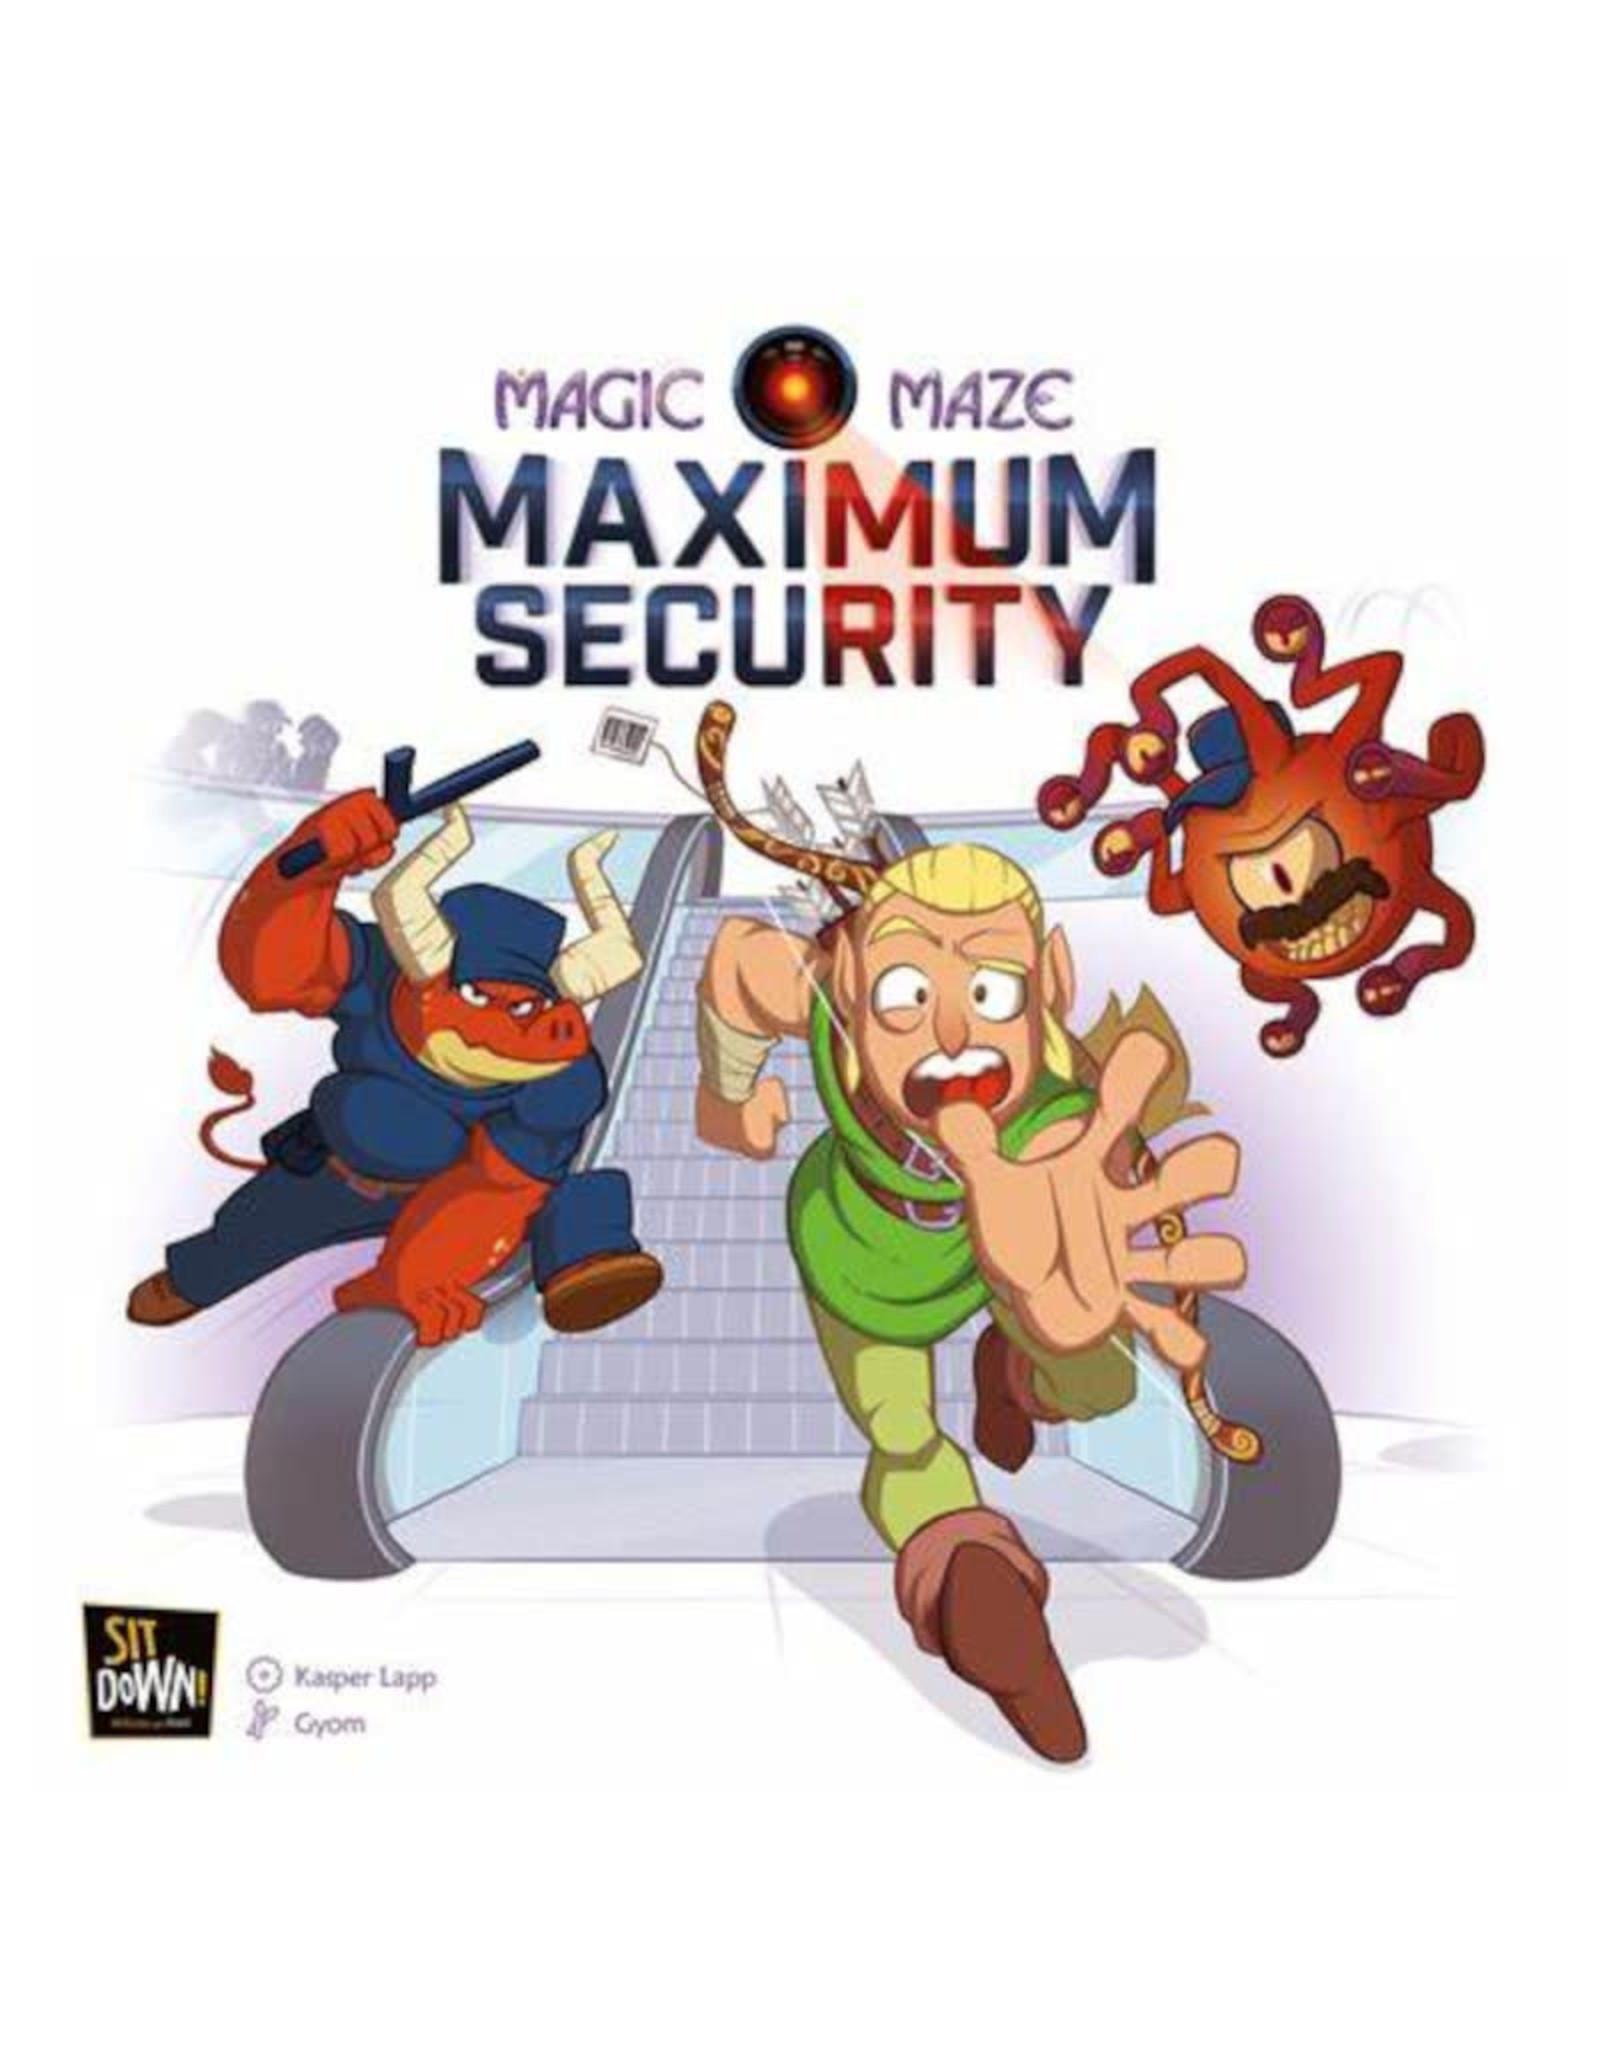 Dude Games Magic Maze Maximum Security